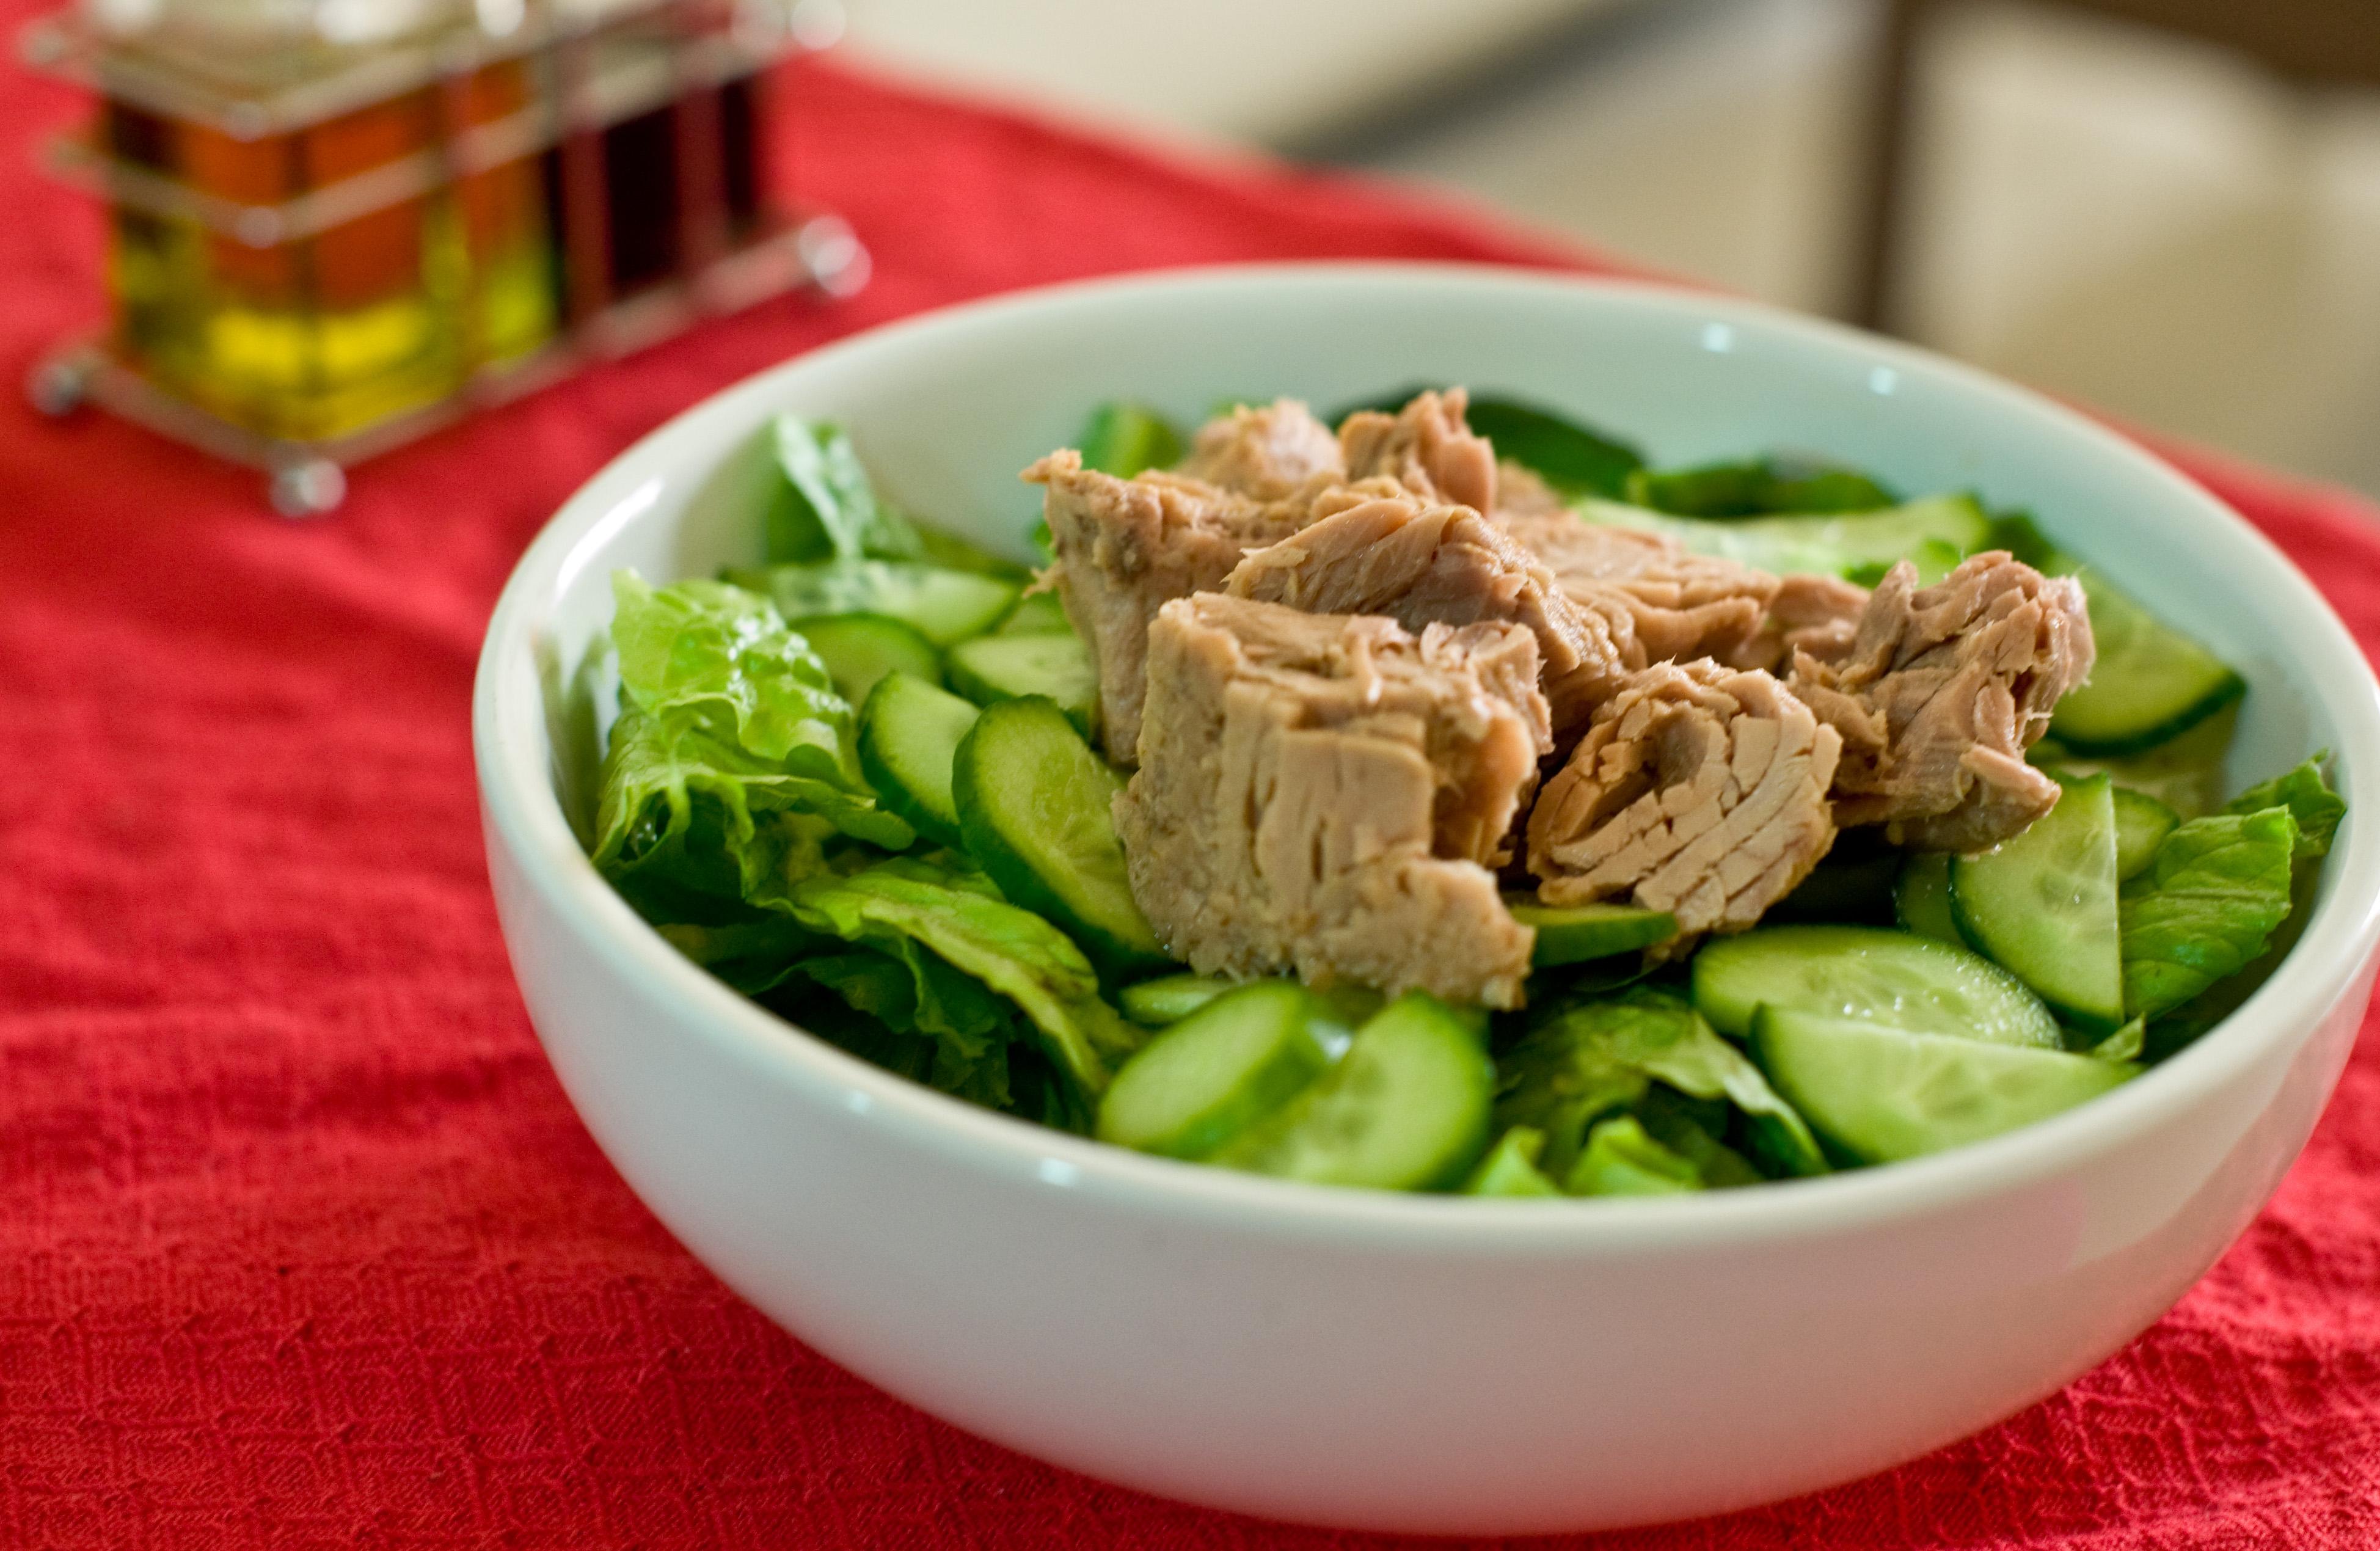 Тунец - отличное дополнение к овощному салату